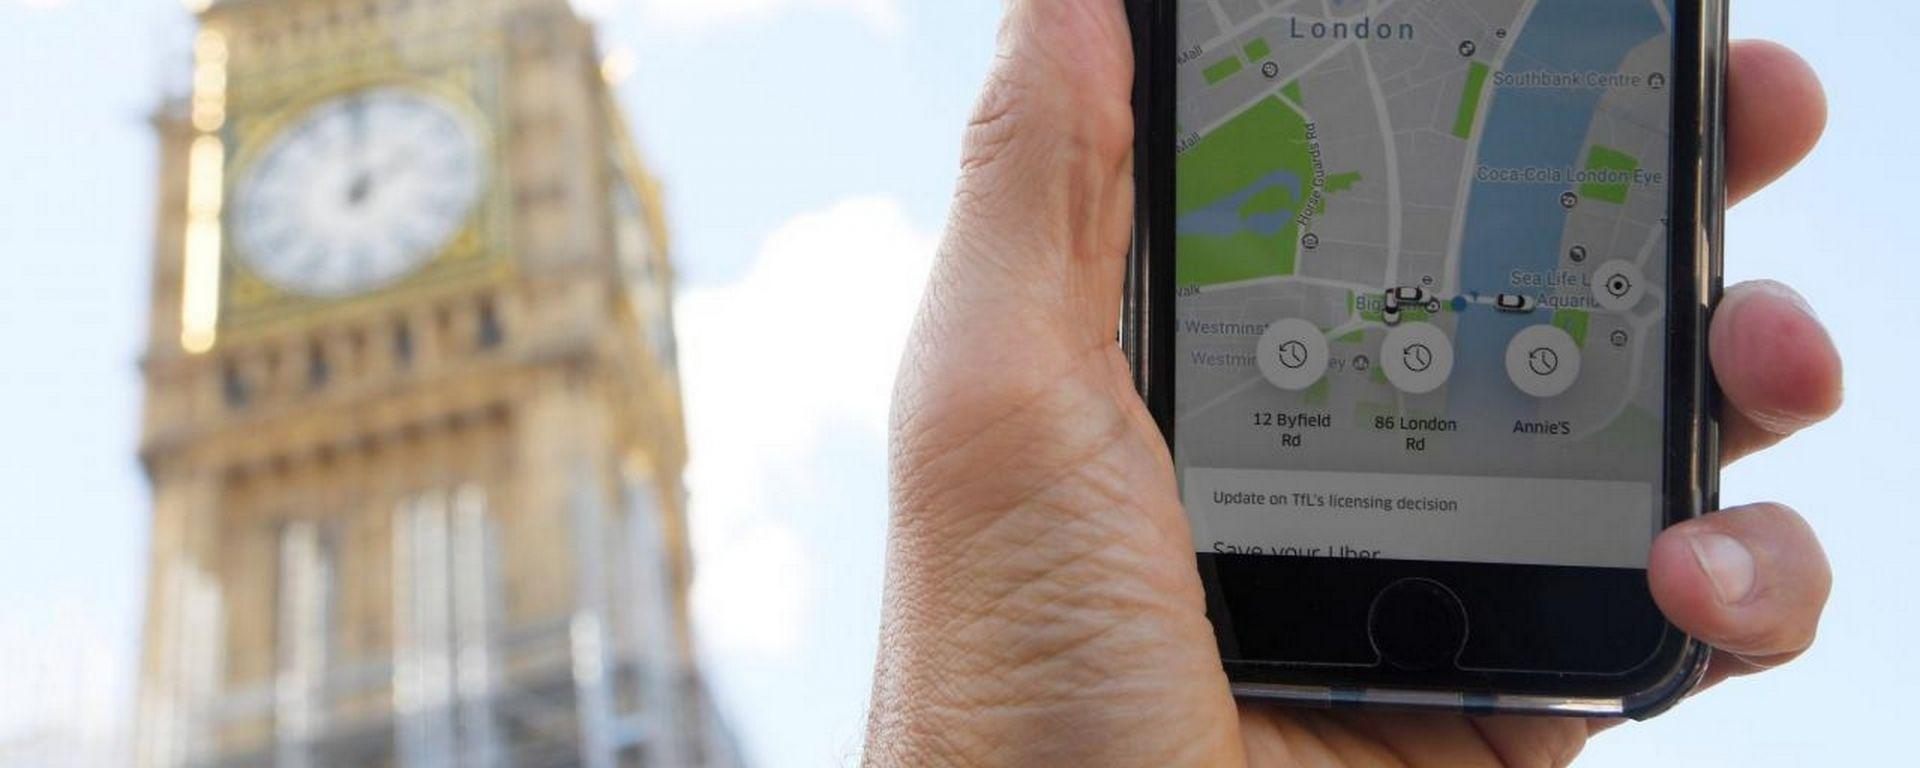 Londra revoca licenza a Uber, che fa subito ricorso